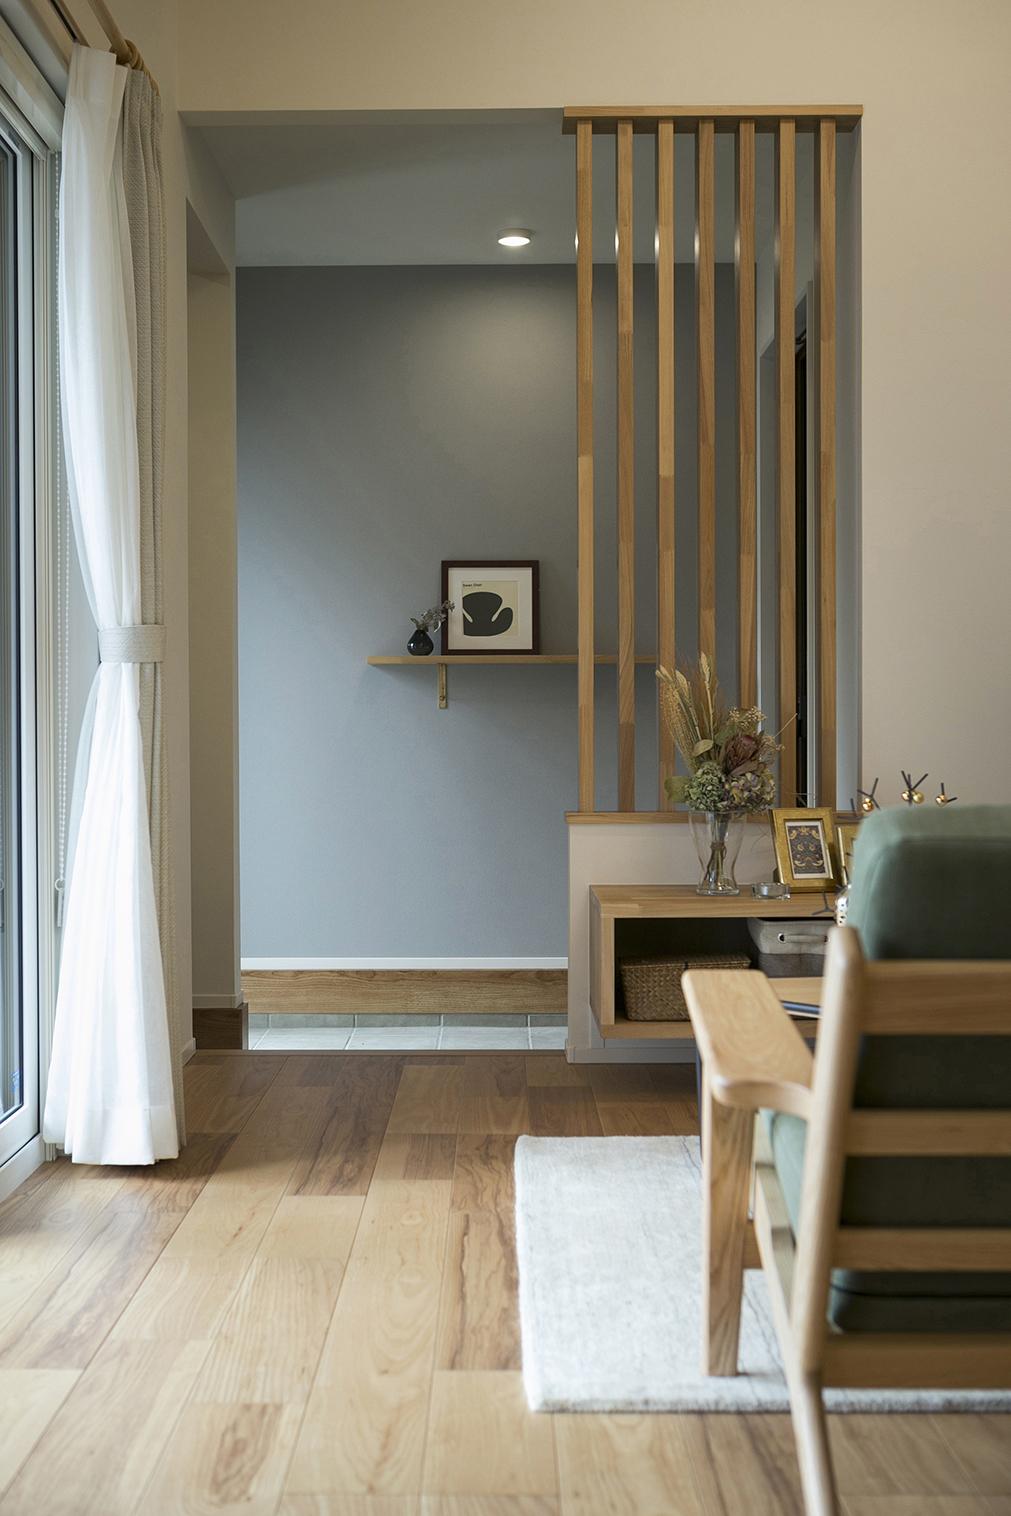 ハウスM21「時代に即した新たな形の「平屋」空間」玄関写真